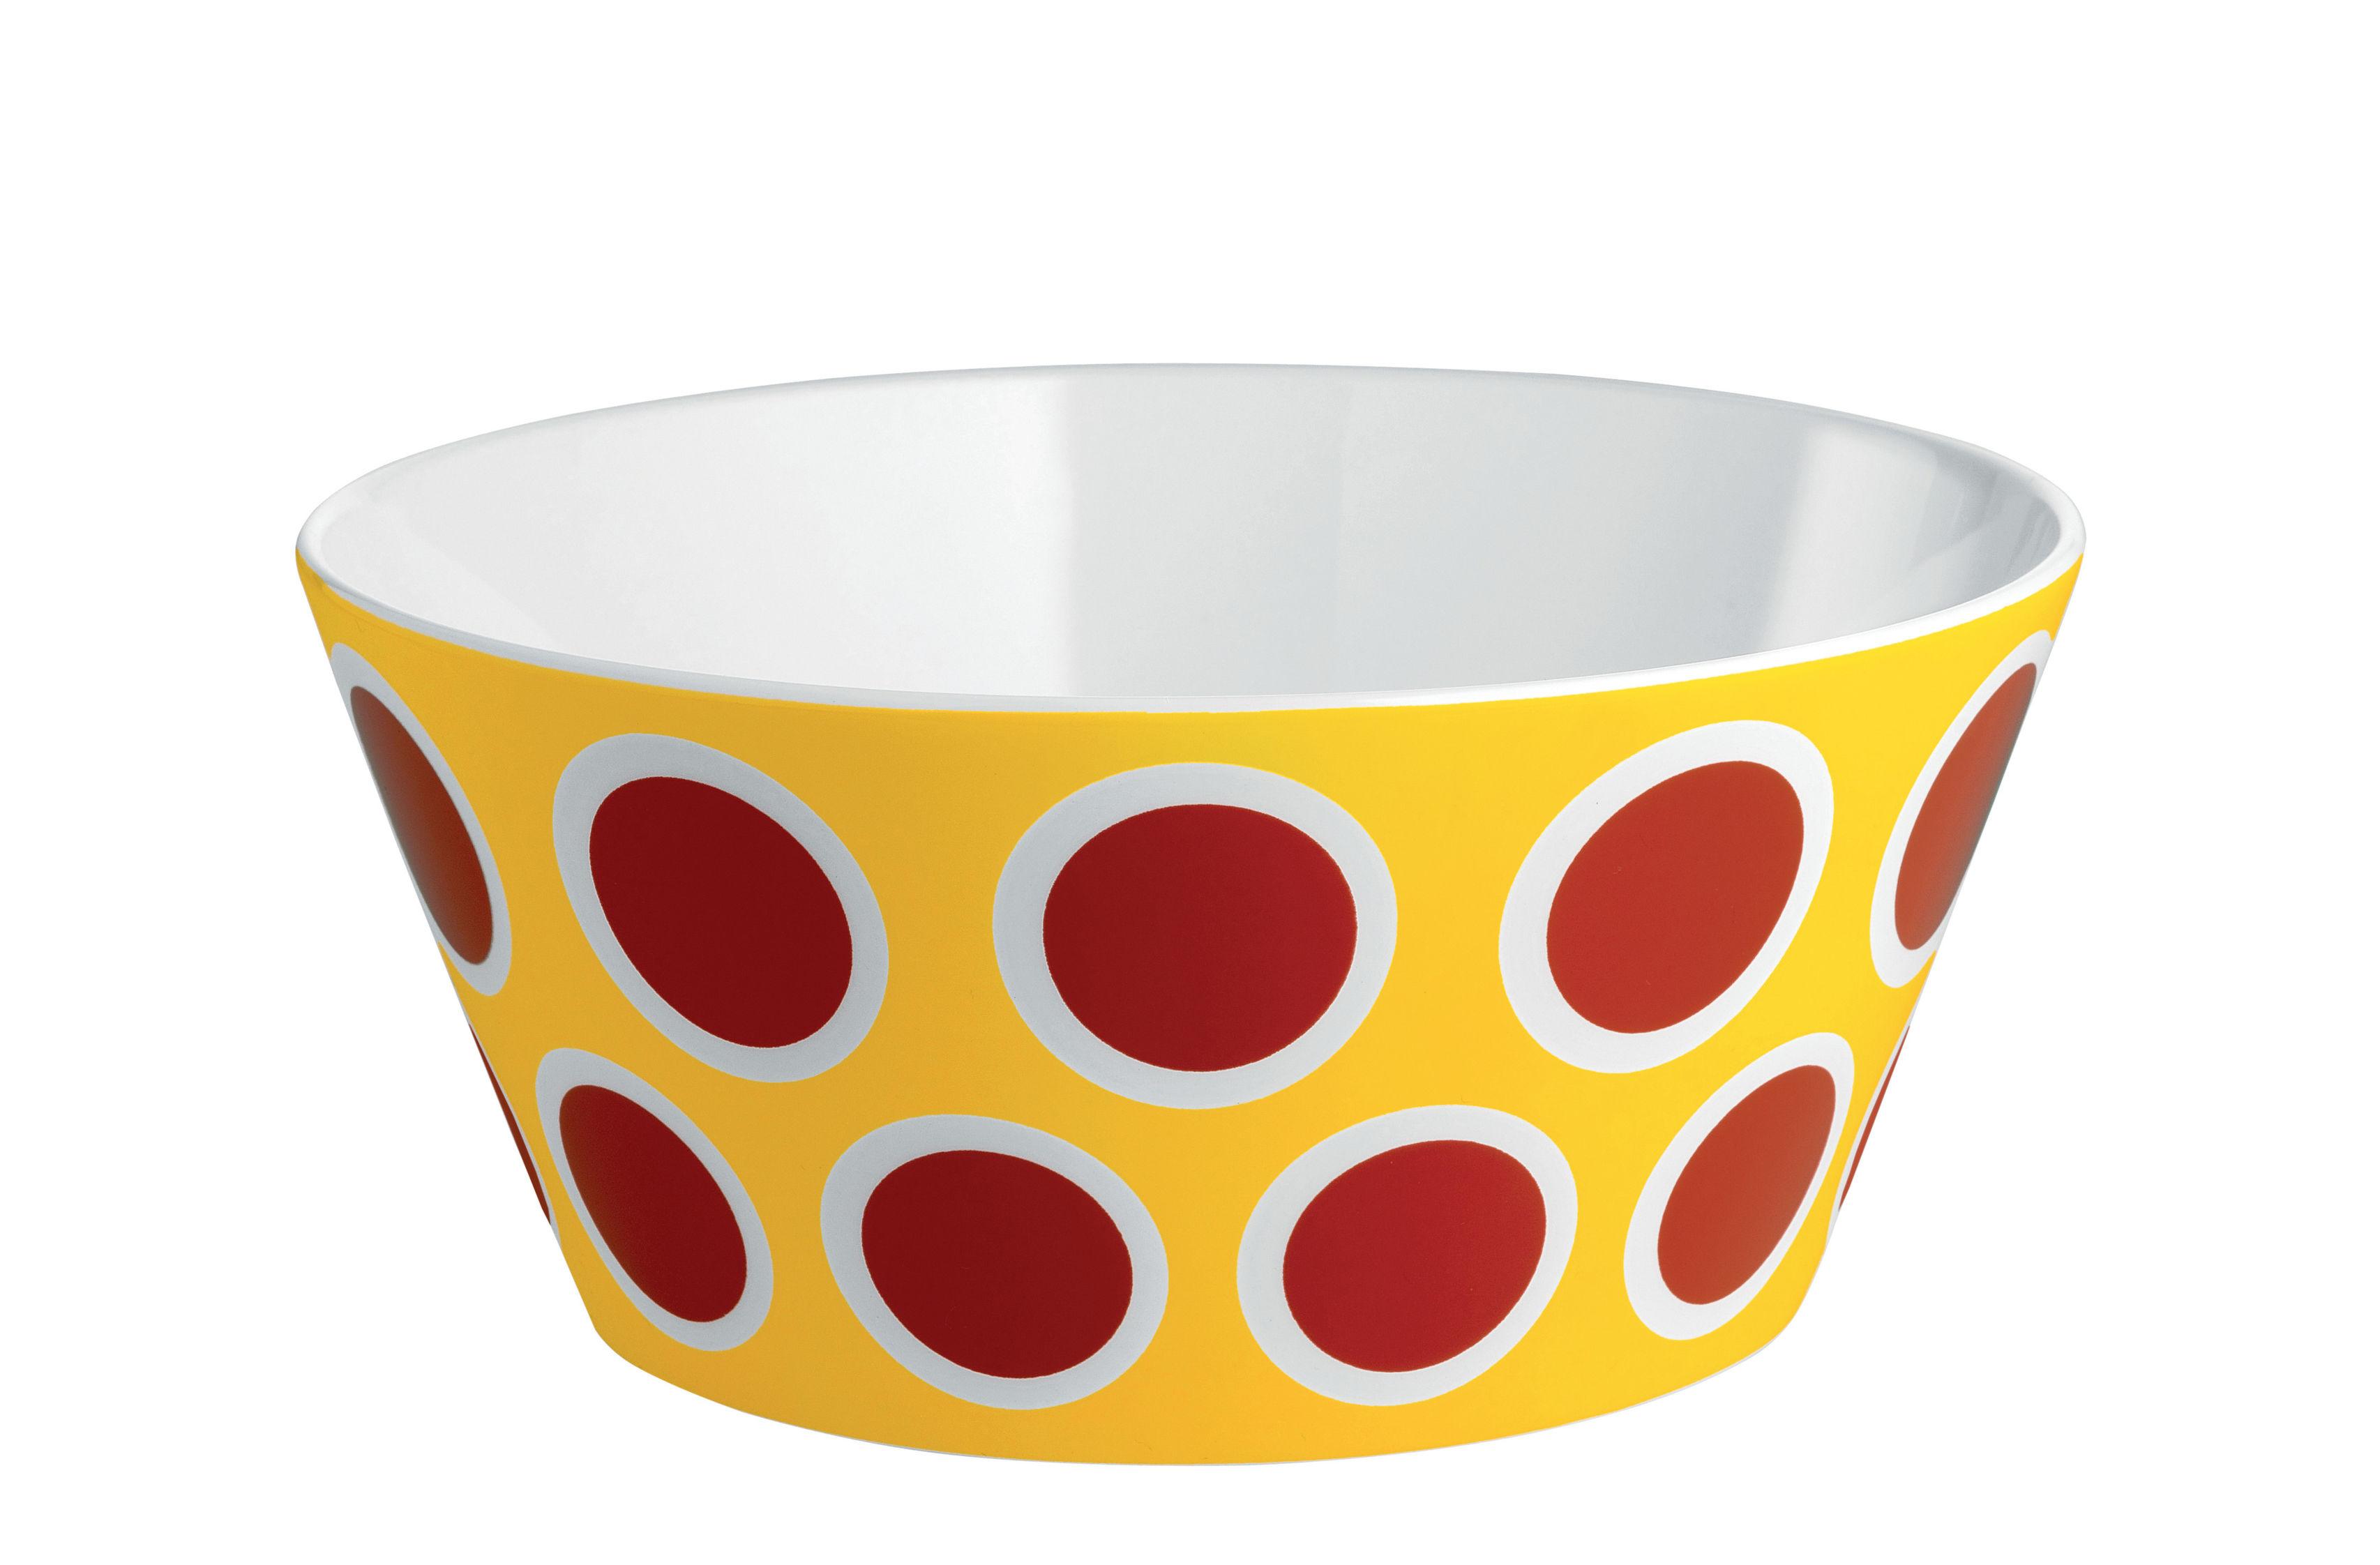 Arts de la table - Saladiers, coupes et bols - Bol Circus / Ø 16 x H 7 cm - Porcelaine anglaise - Alessi - Rouge et jaune - Porcelaine anglaise